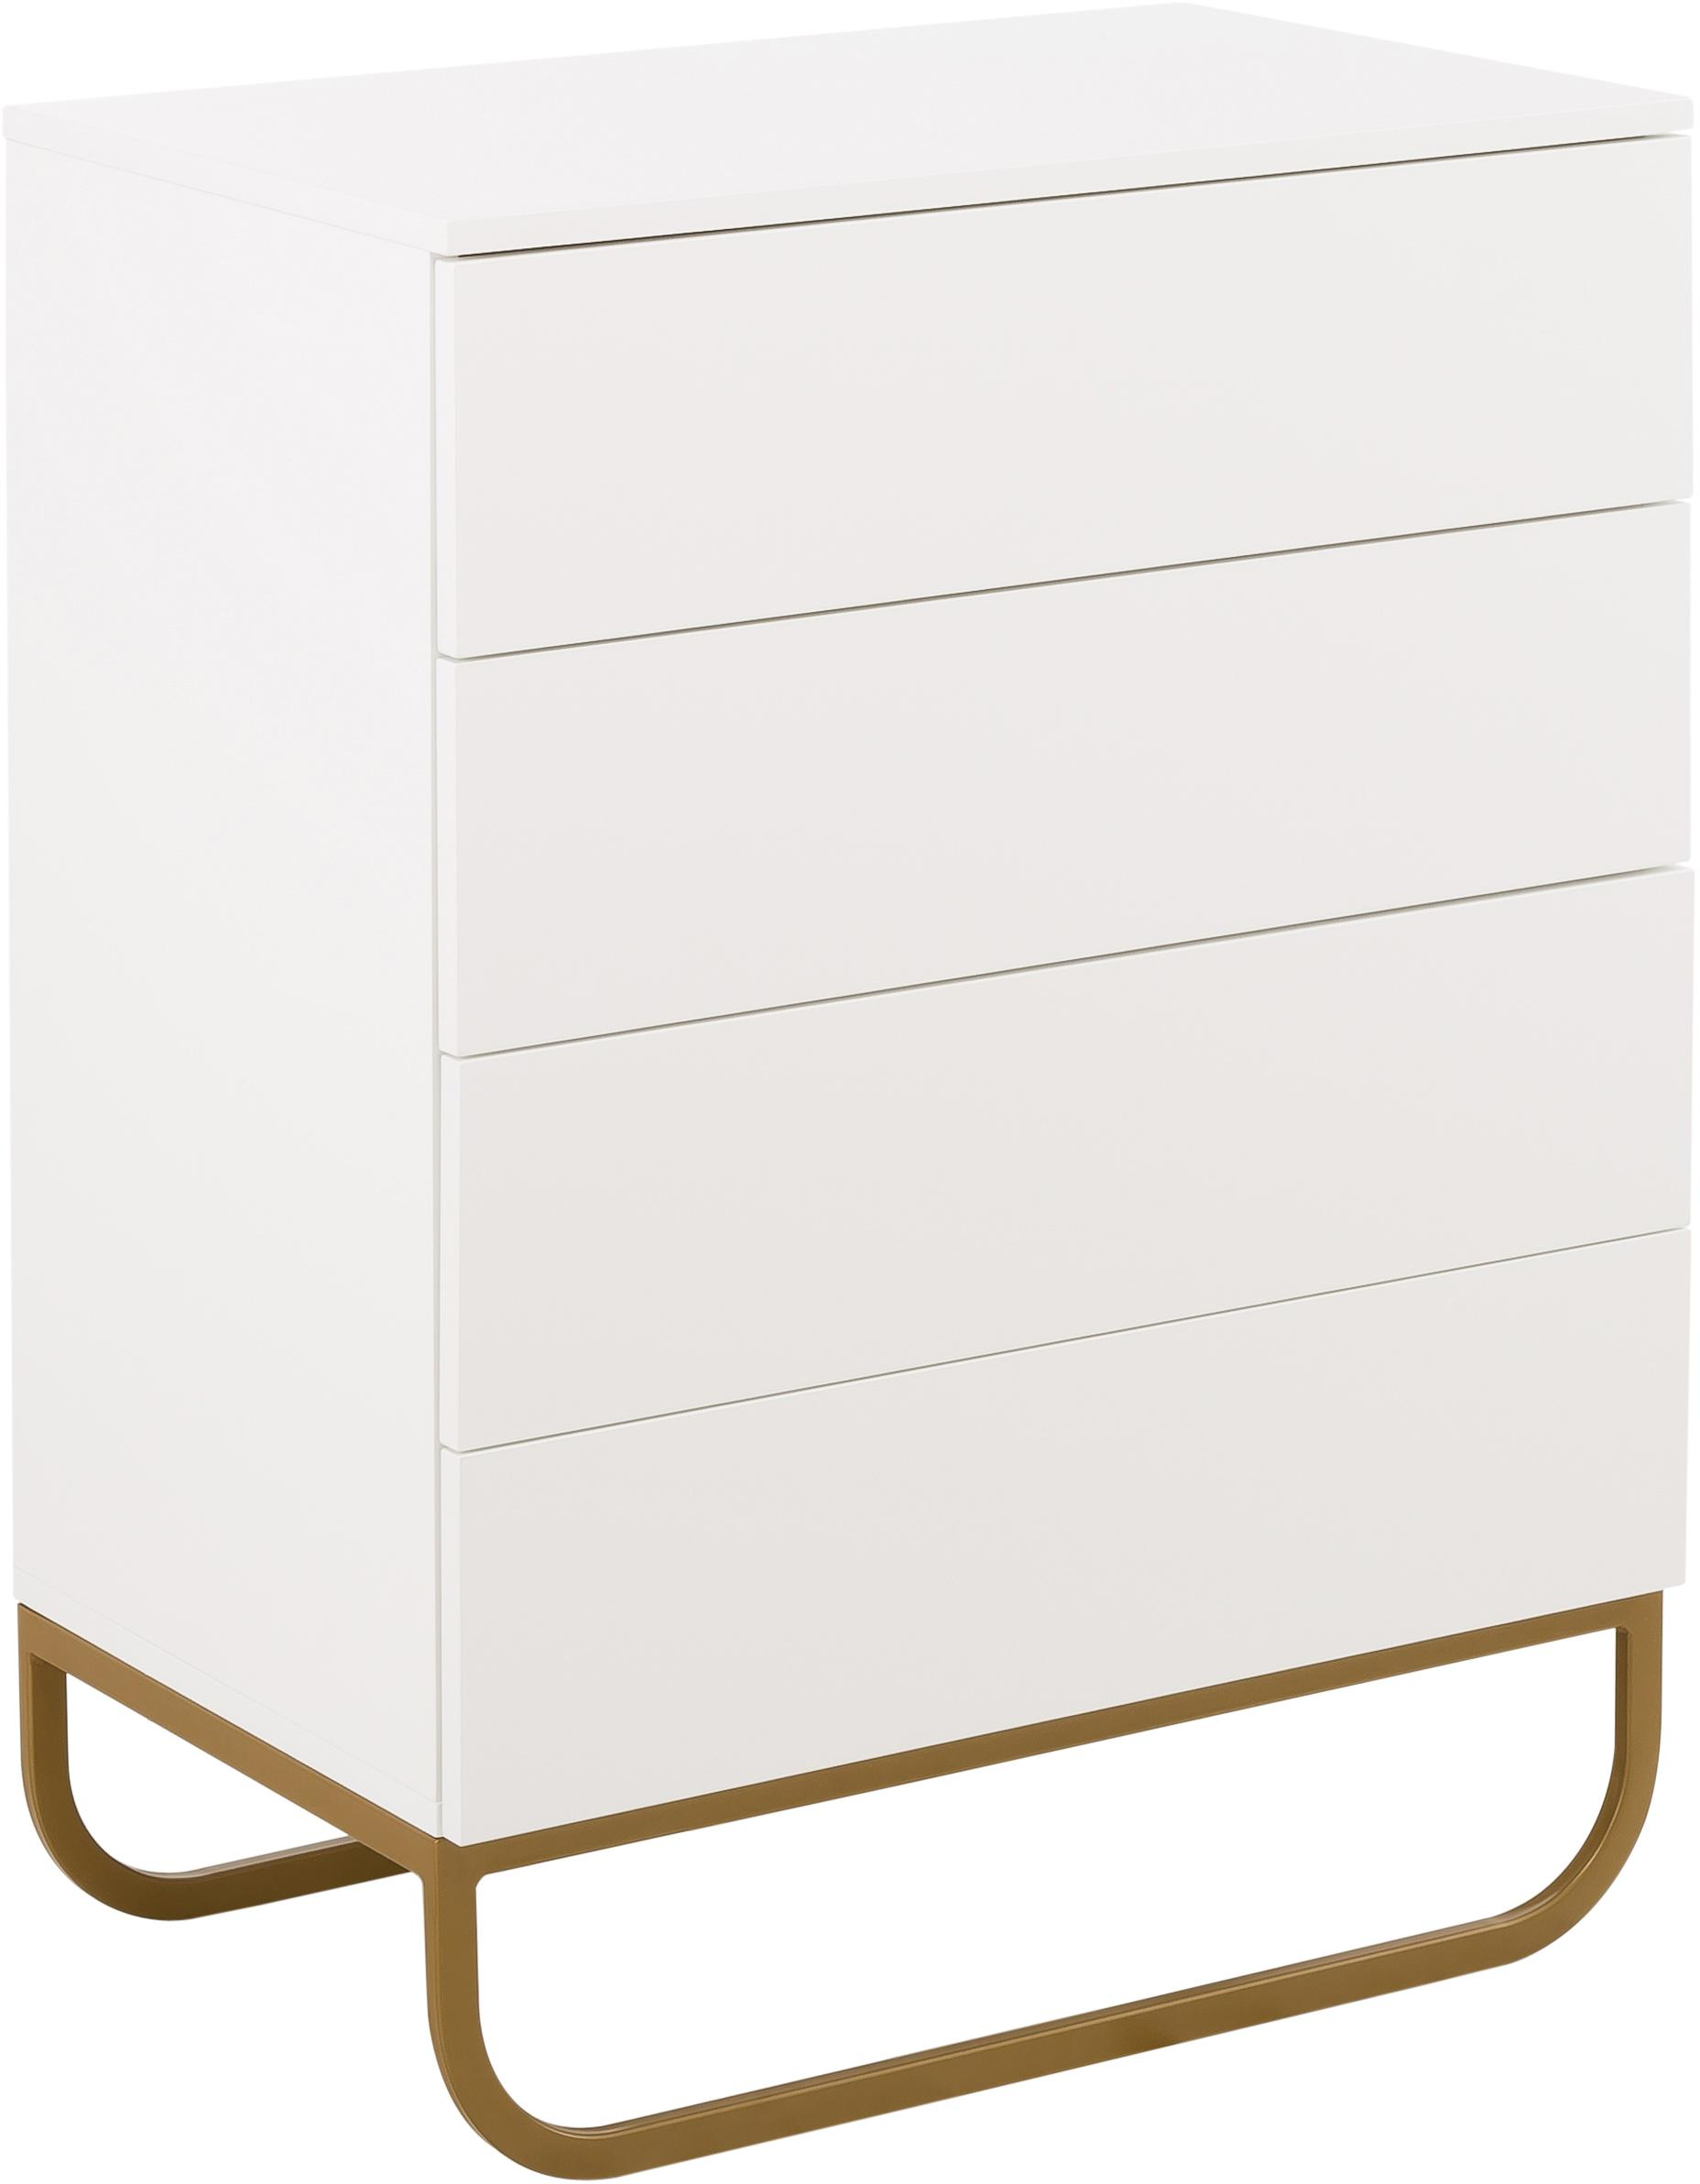 Komoda Sanford, Konstrukce: matná bílá Podstava: matná zlatá